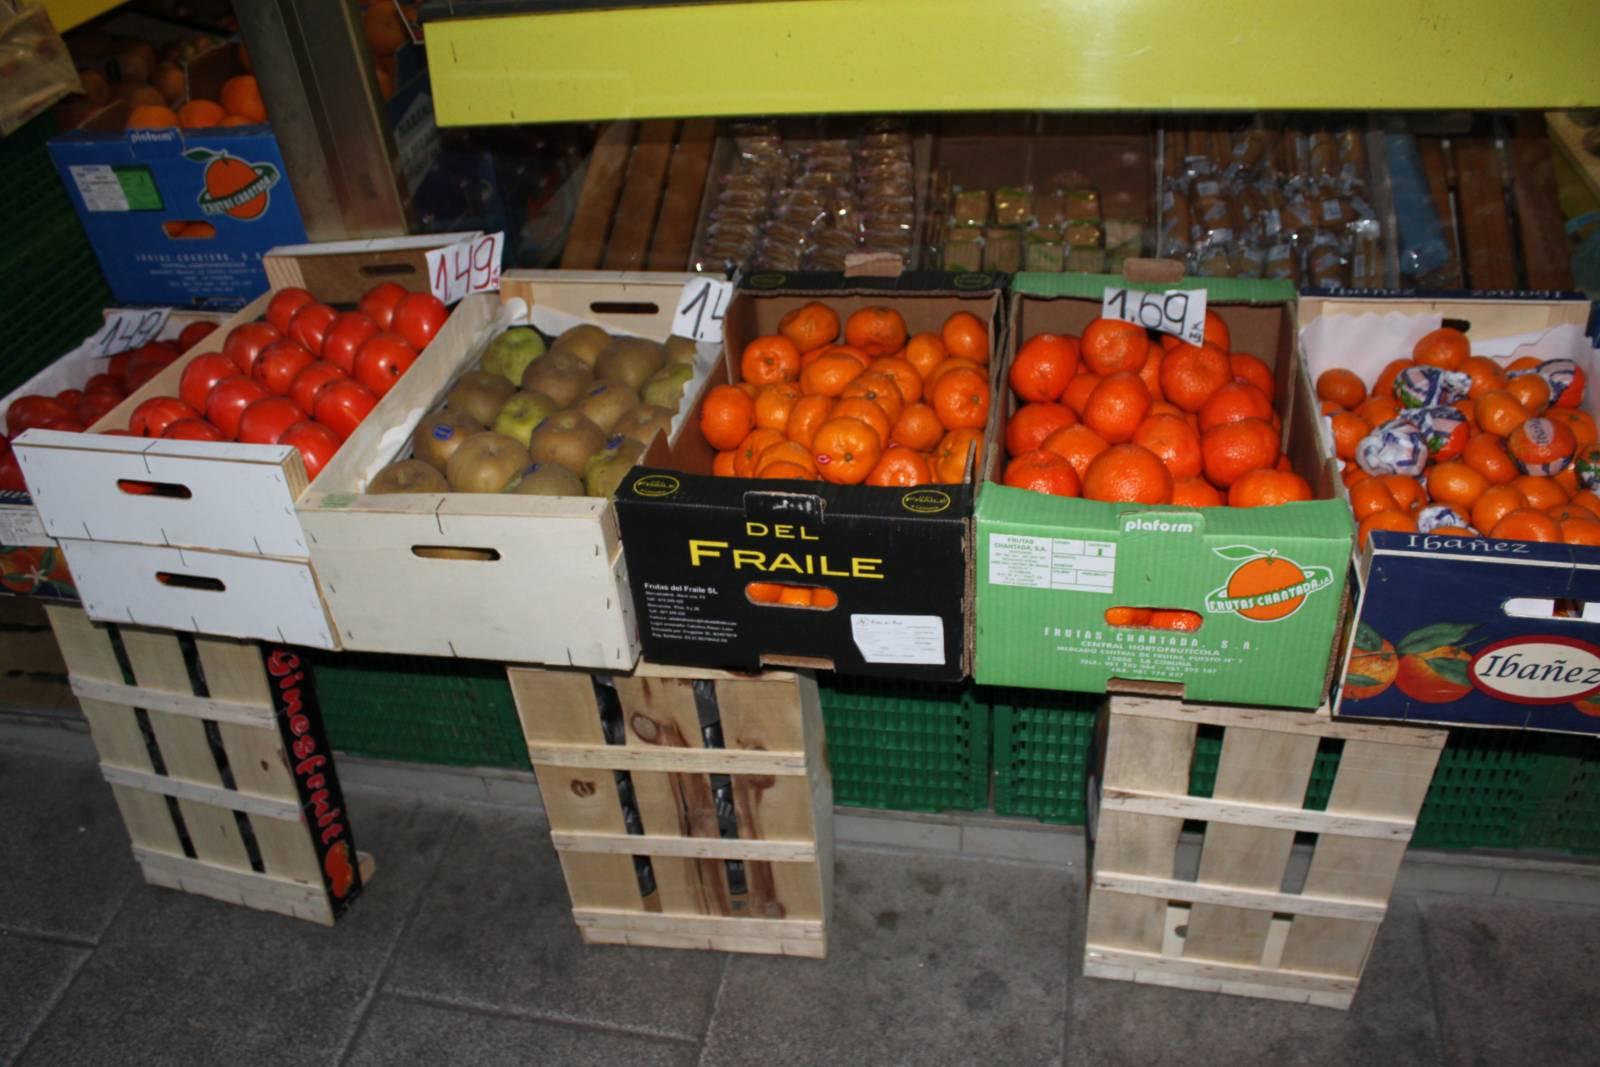 Las cajas de fruta en la acera del vecindario madril nea - Cajas de fruta ...